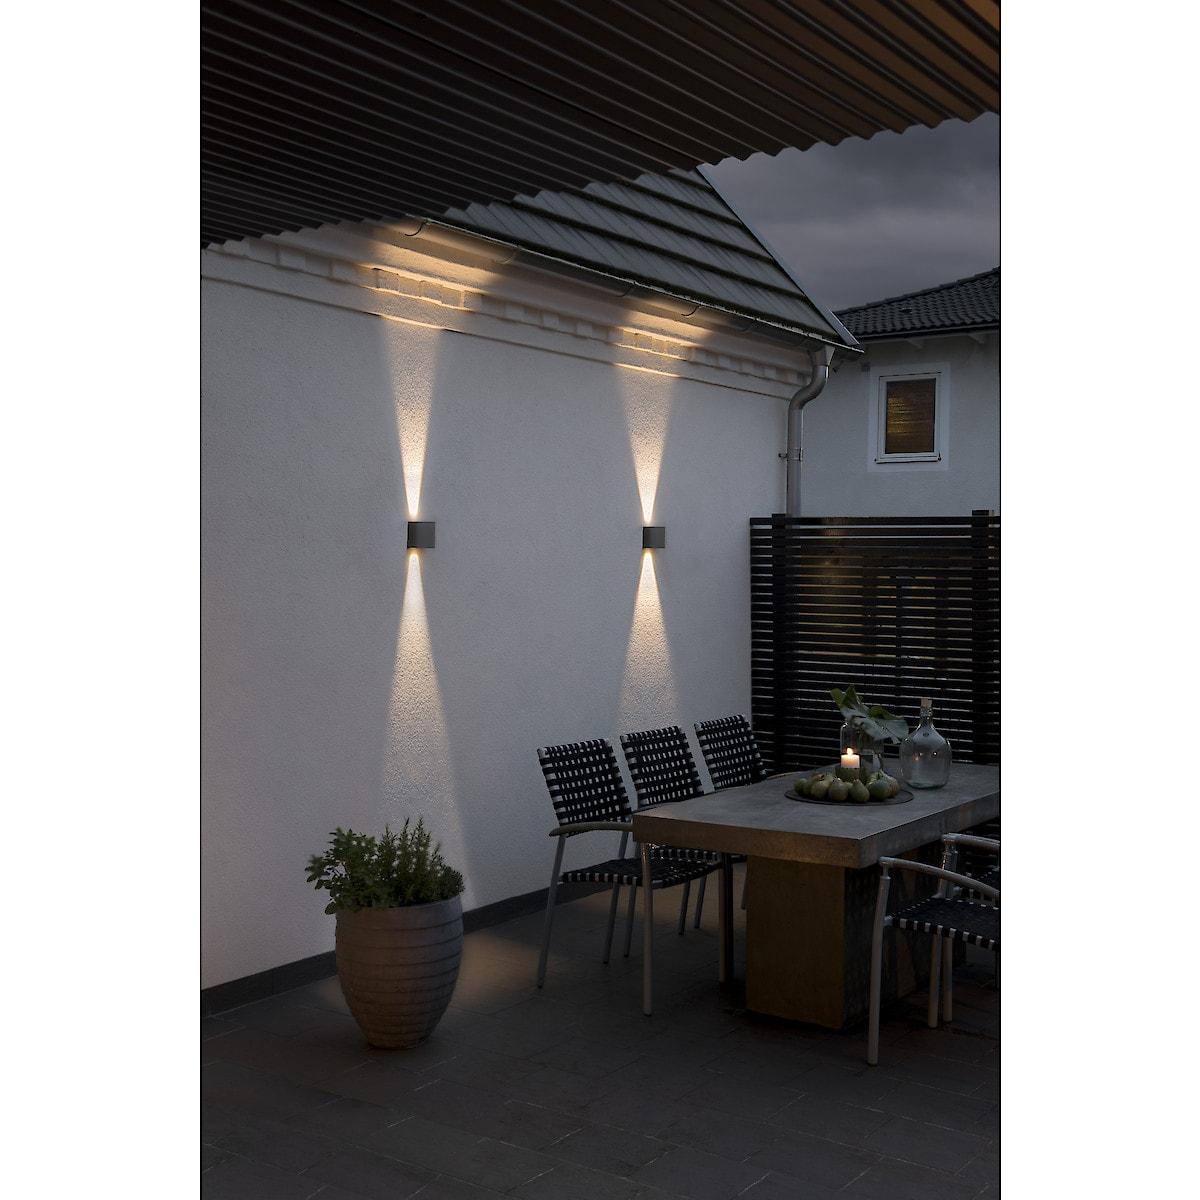 Väggspotlight Chieri Konstsmide LED